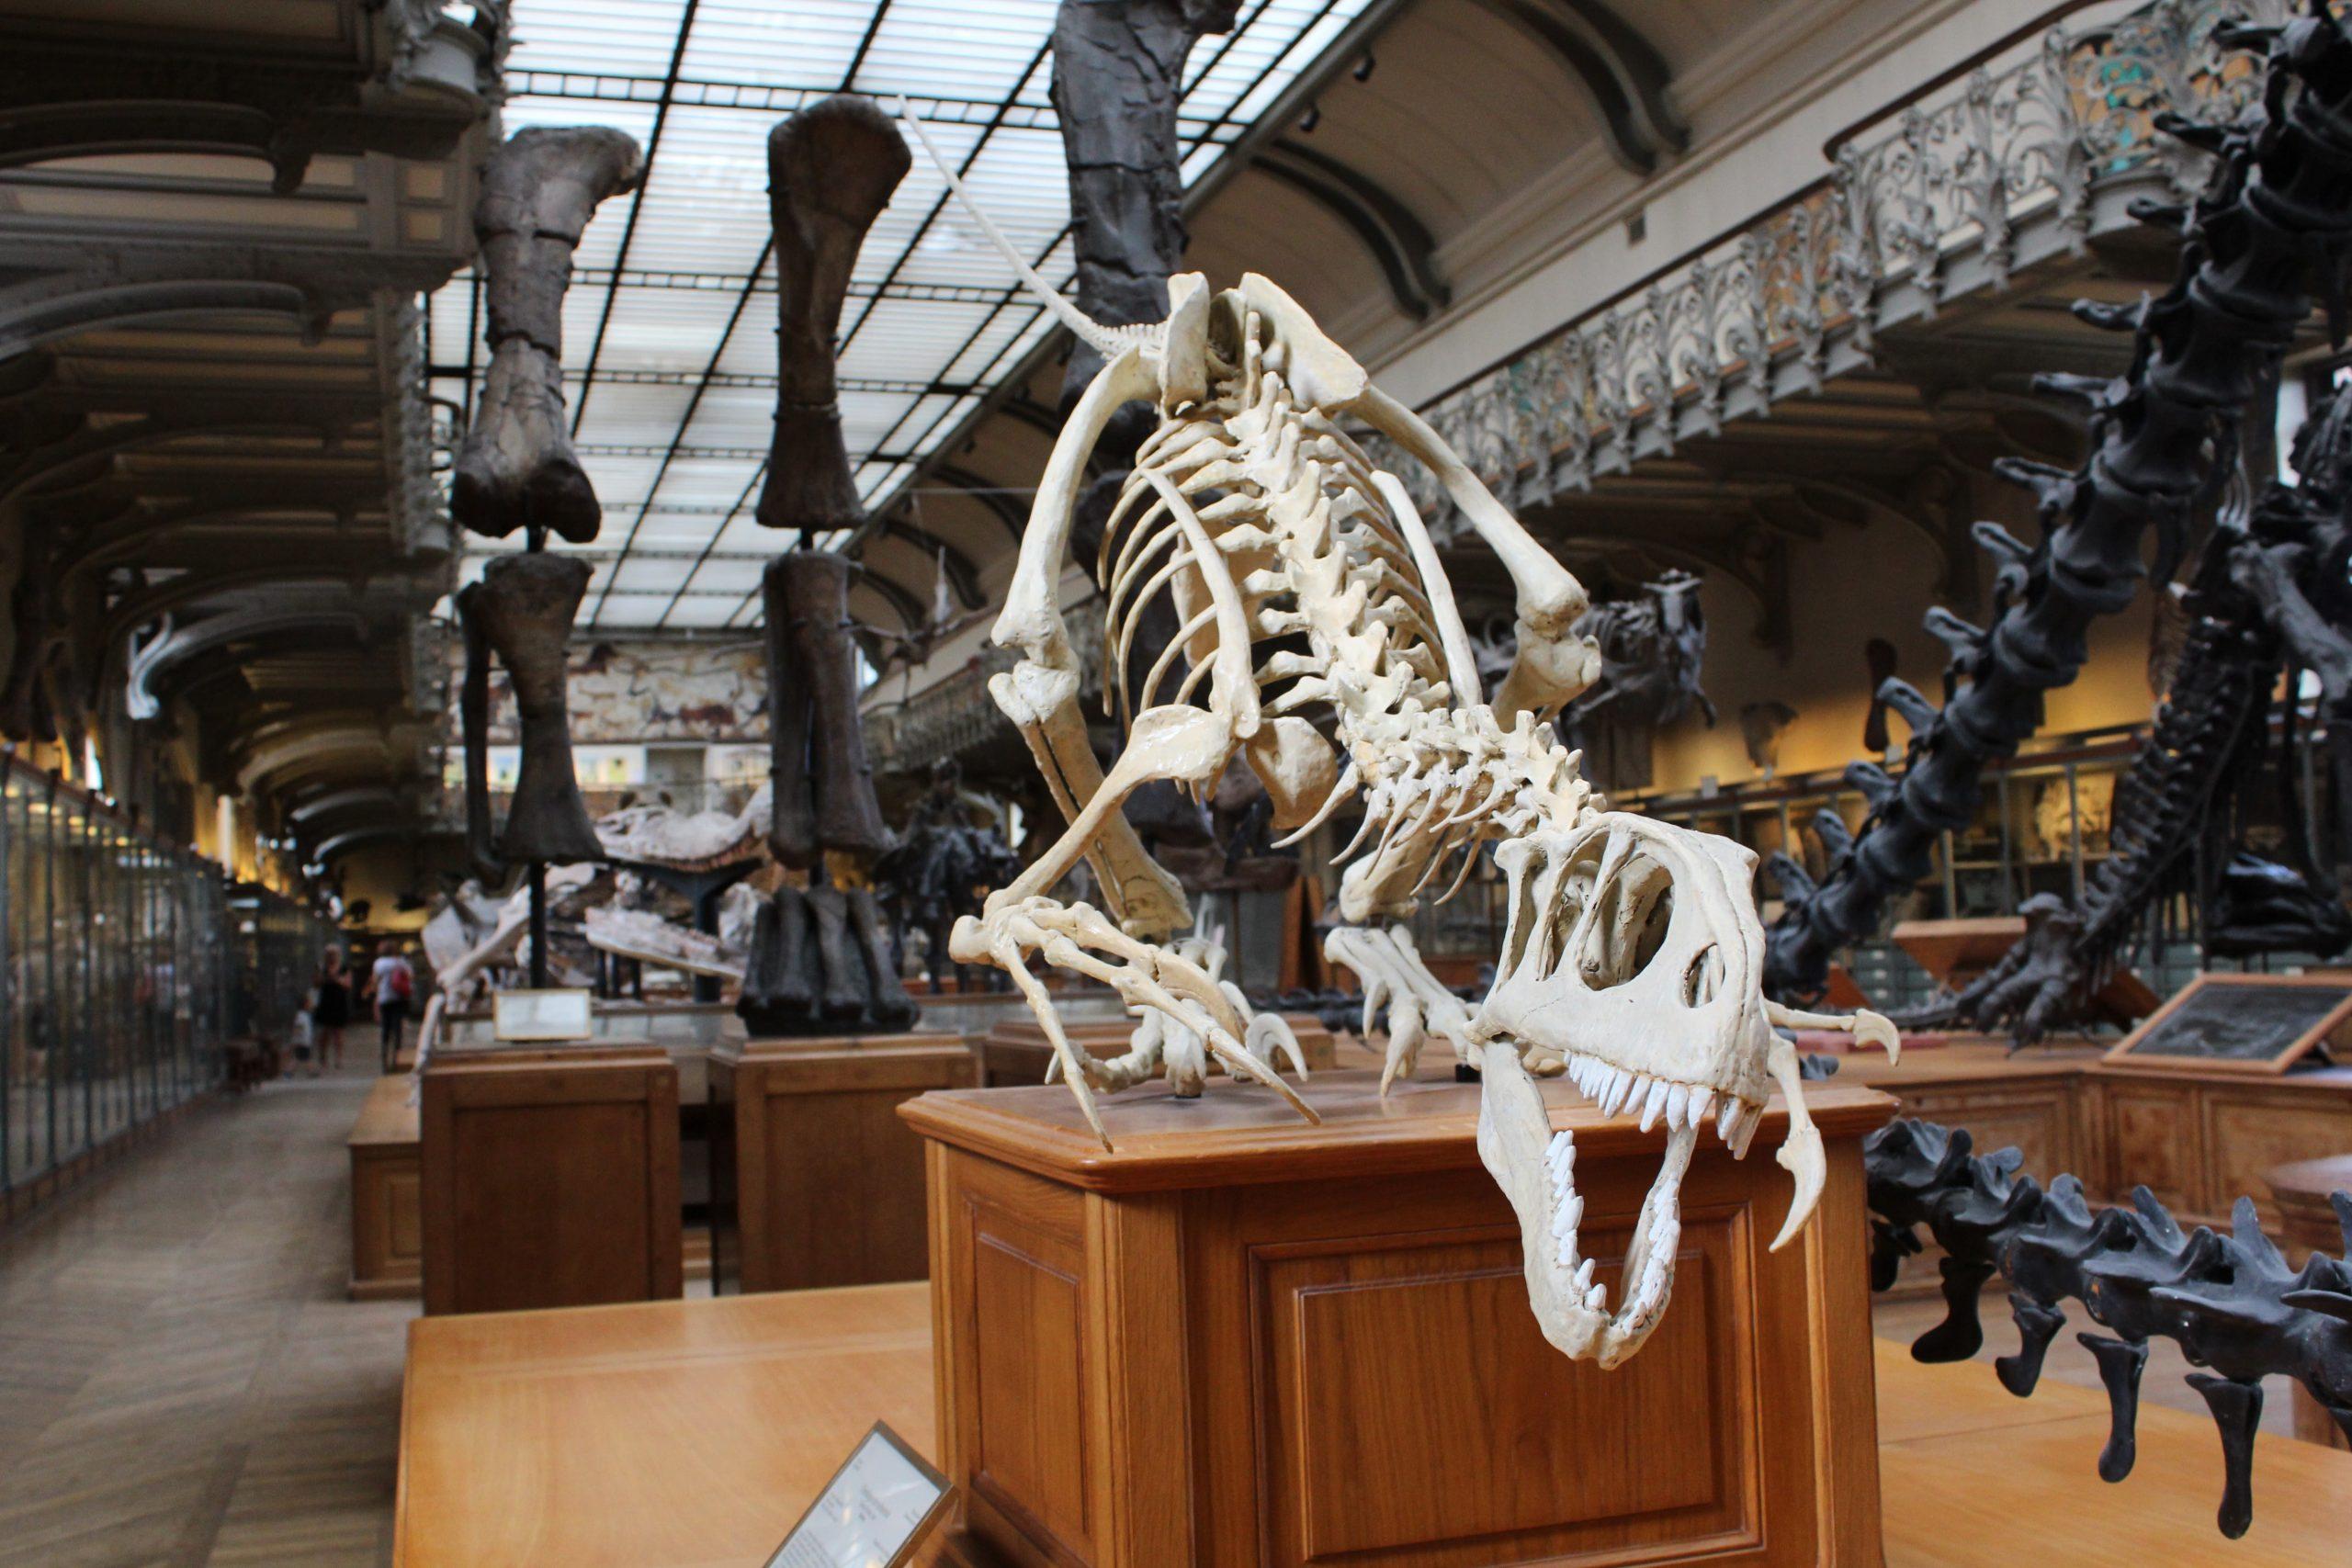 Spesies Baru Dinosaurus Ditemukan, Salah Satu yang Terbesar